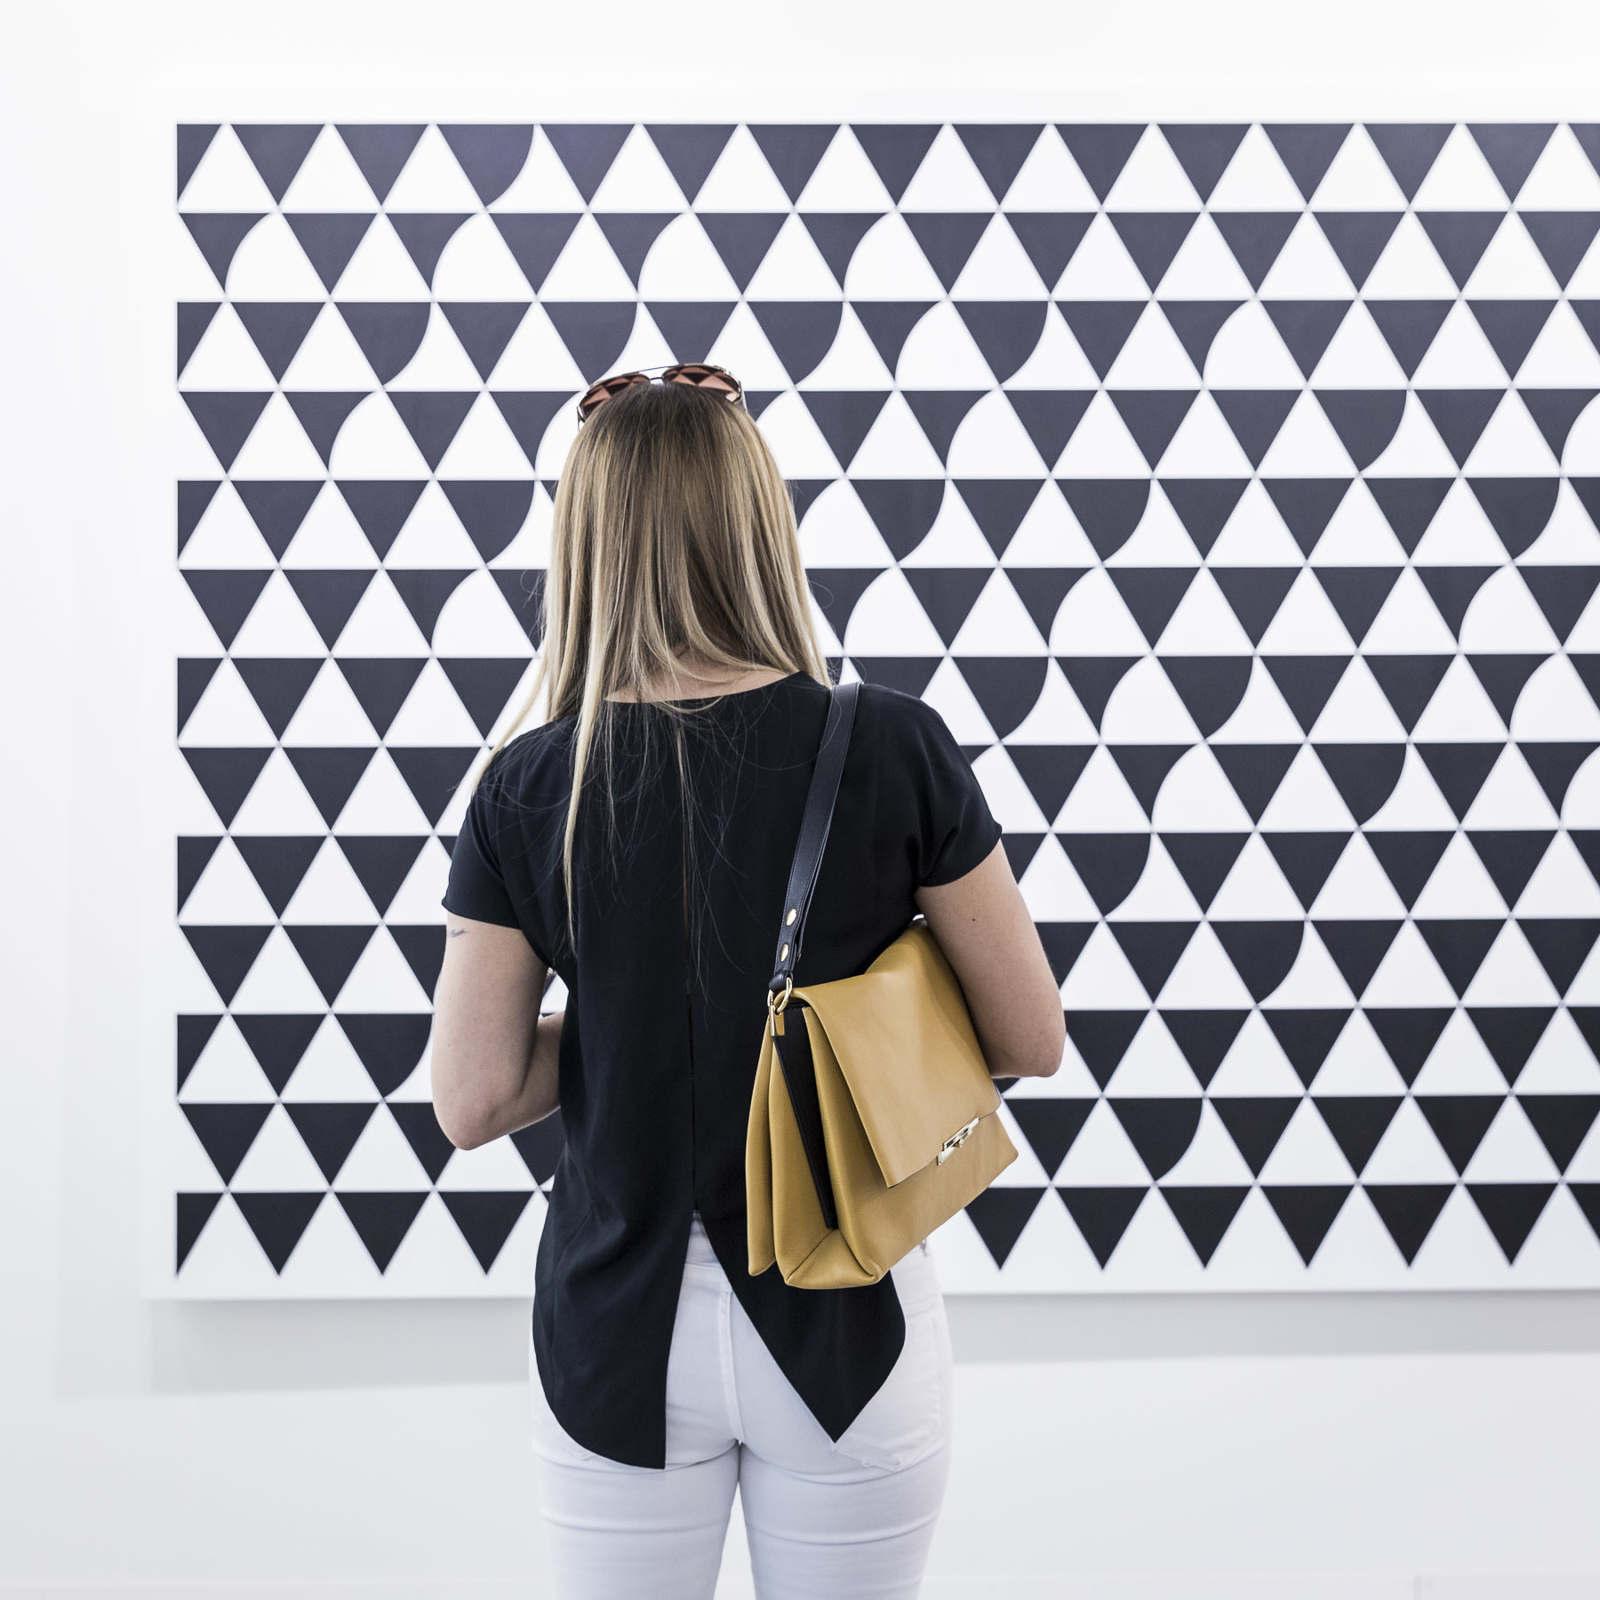 Charles_Roussel-Art-Fair-4_1600_c.jpg